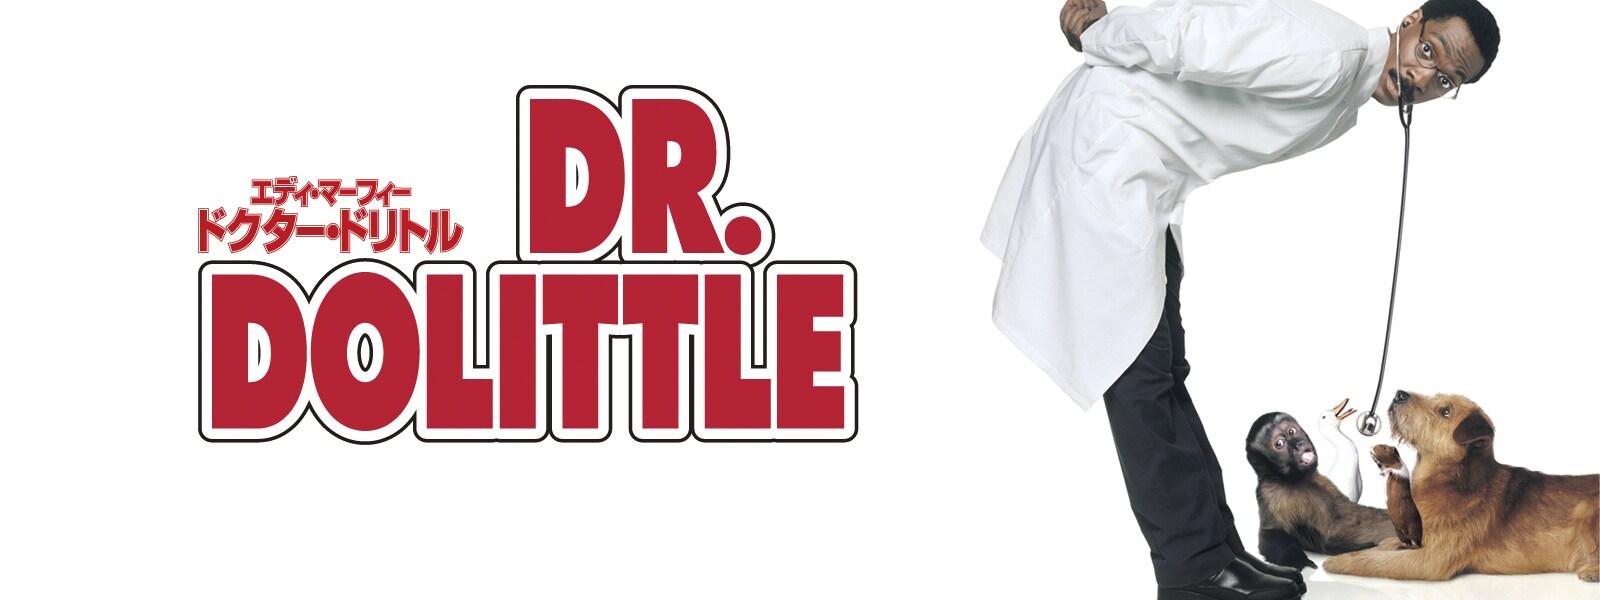 ドクター・ドリトル|Doctor Dolittle Hero Object